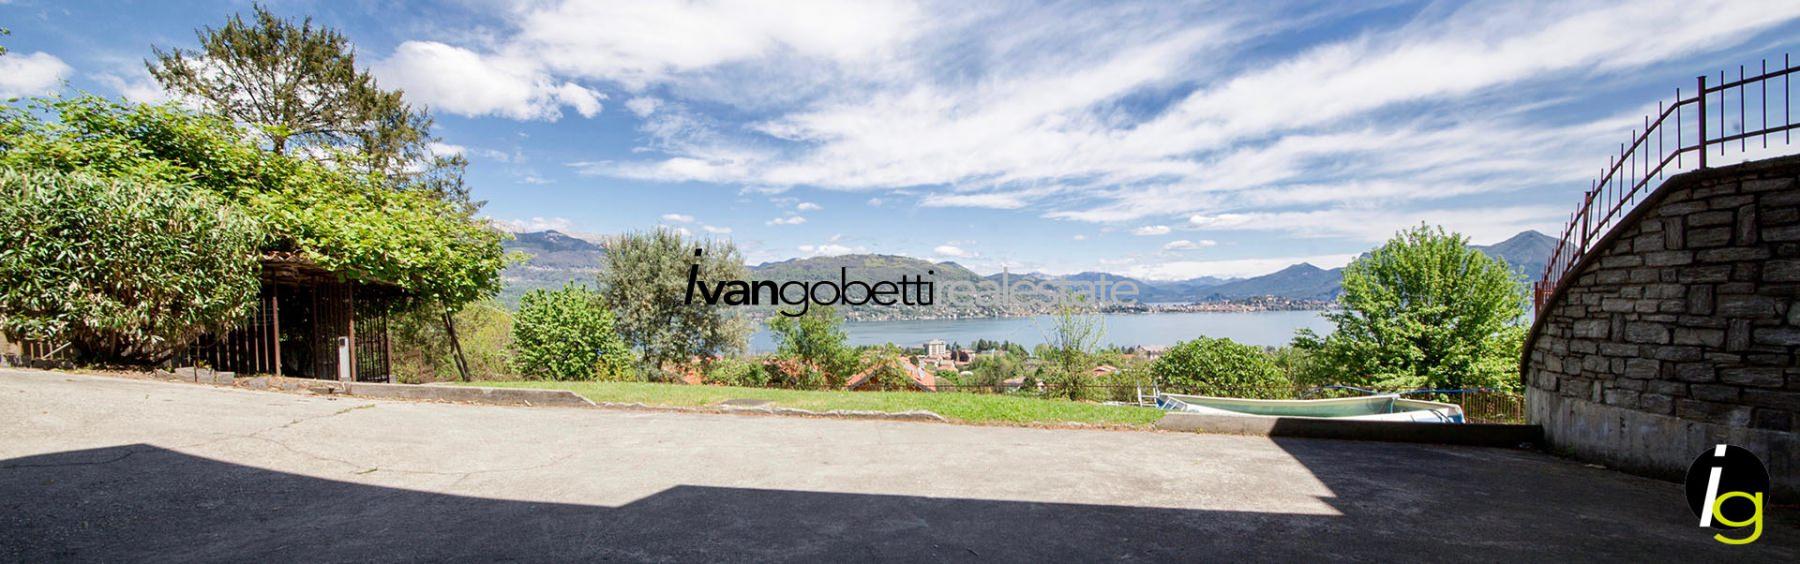 Villa for sale in Baveno Lake Maggiore with views of the Borromean Islands